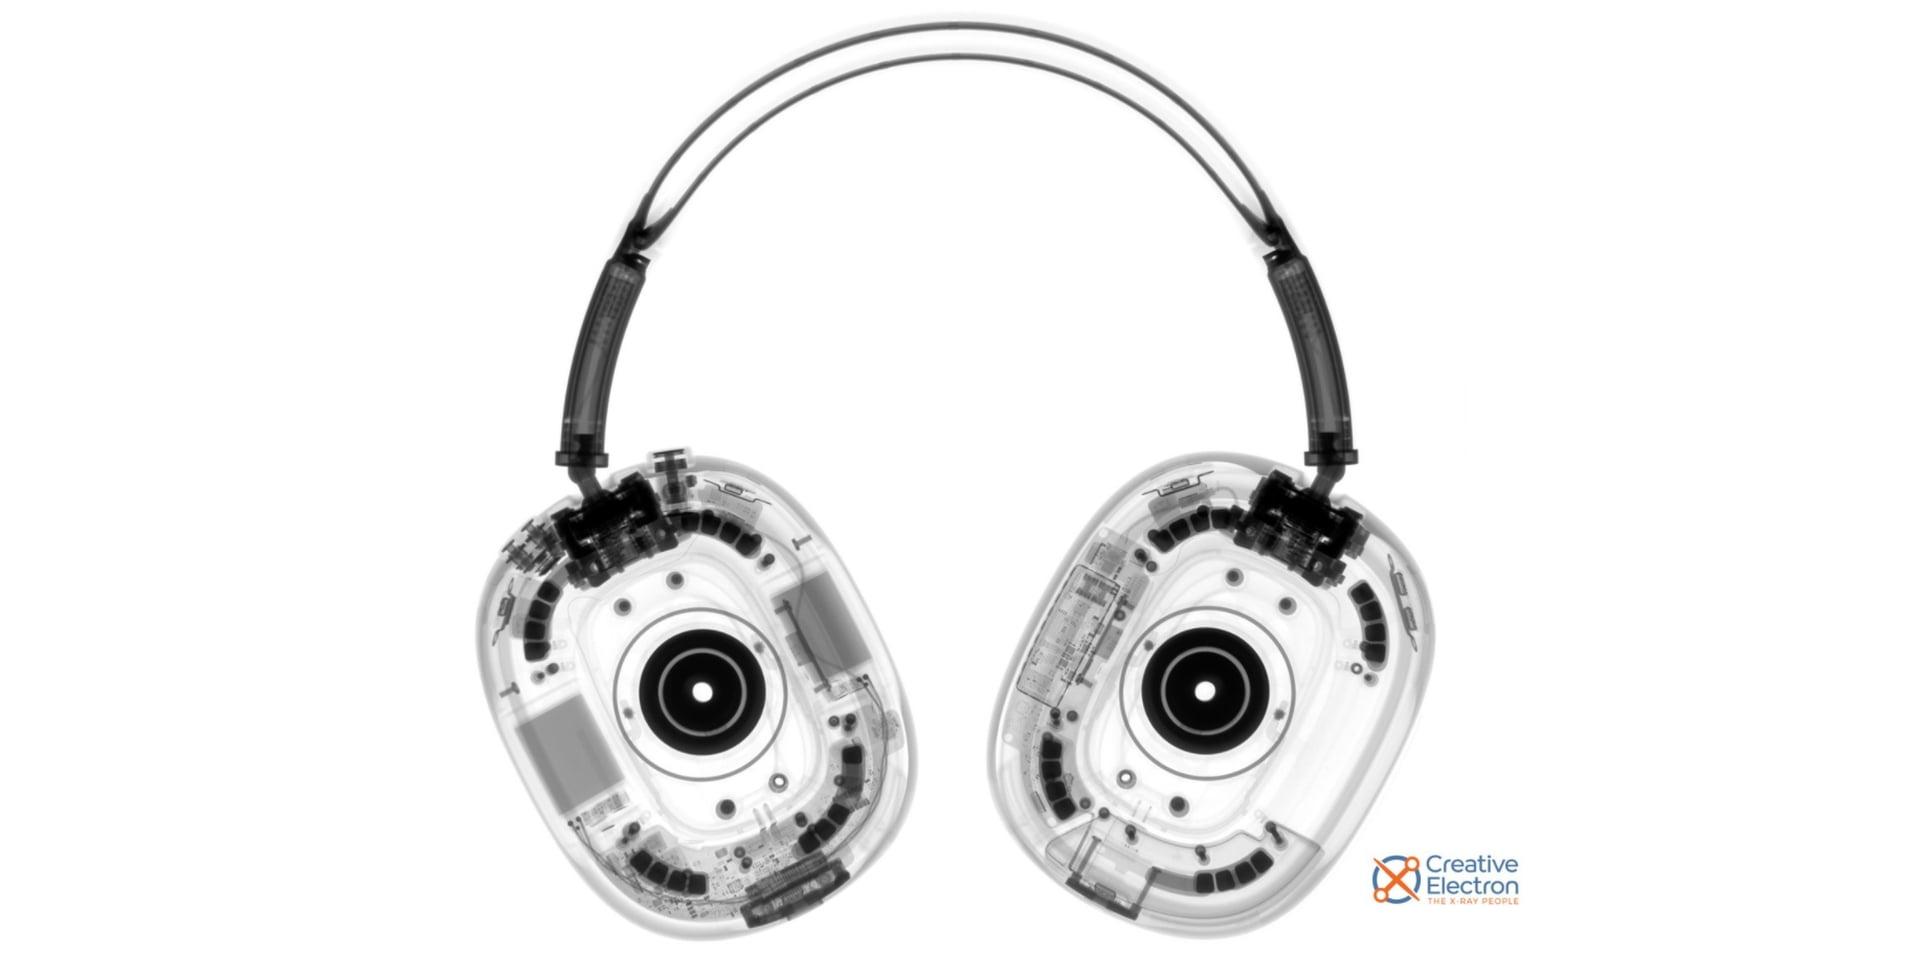 iFixit wstępnie rozłożyło na części słuchawki AirPods Max